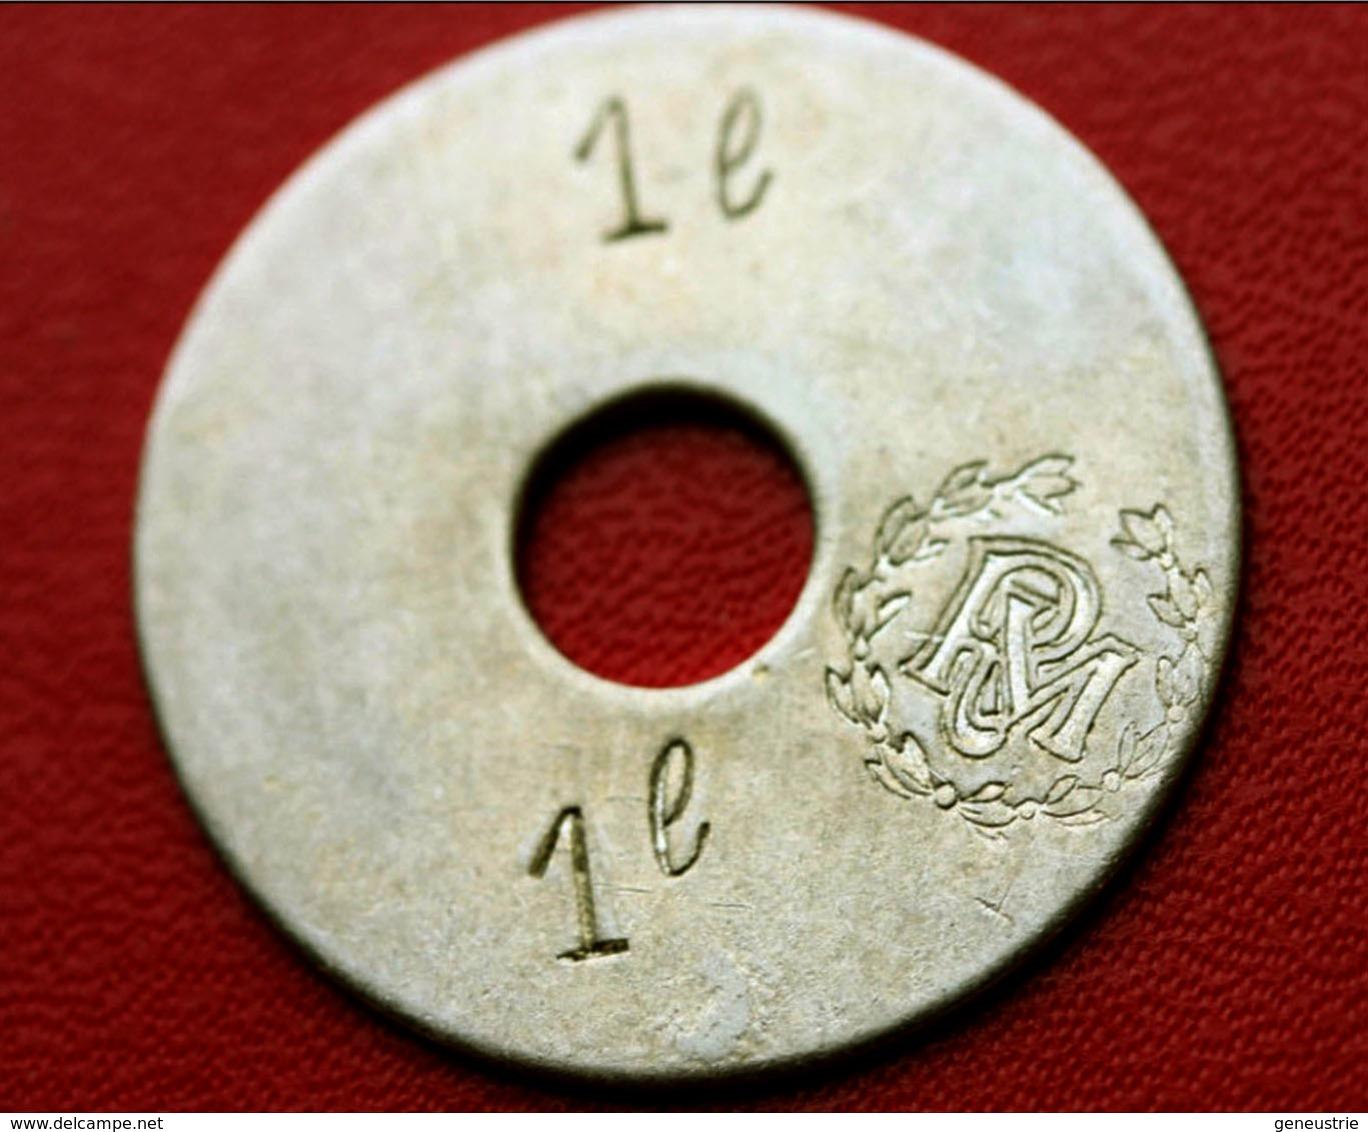 """Rare Token Jeton Uniface De Nécessité """" 1 L  RM """" (Royal Marines, Corps Expéditionnaire, ... ?) UK Army - Professionnels/De Société"""